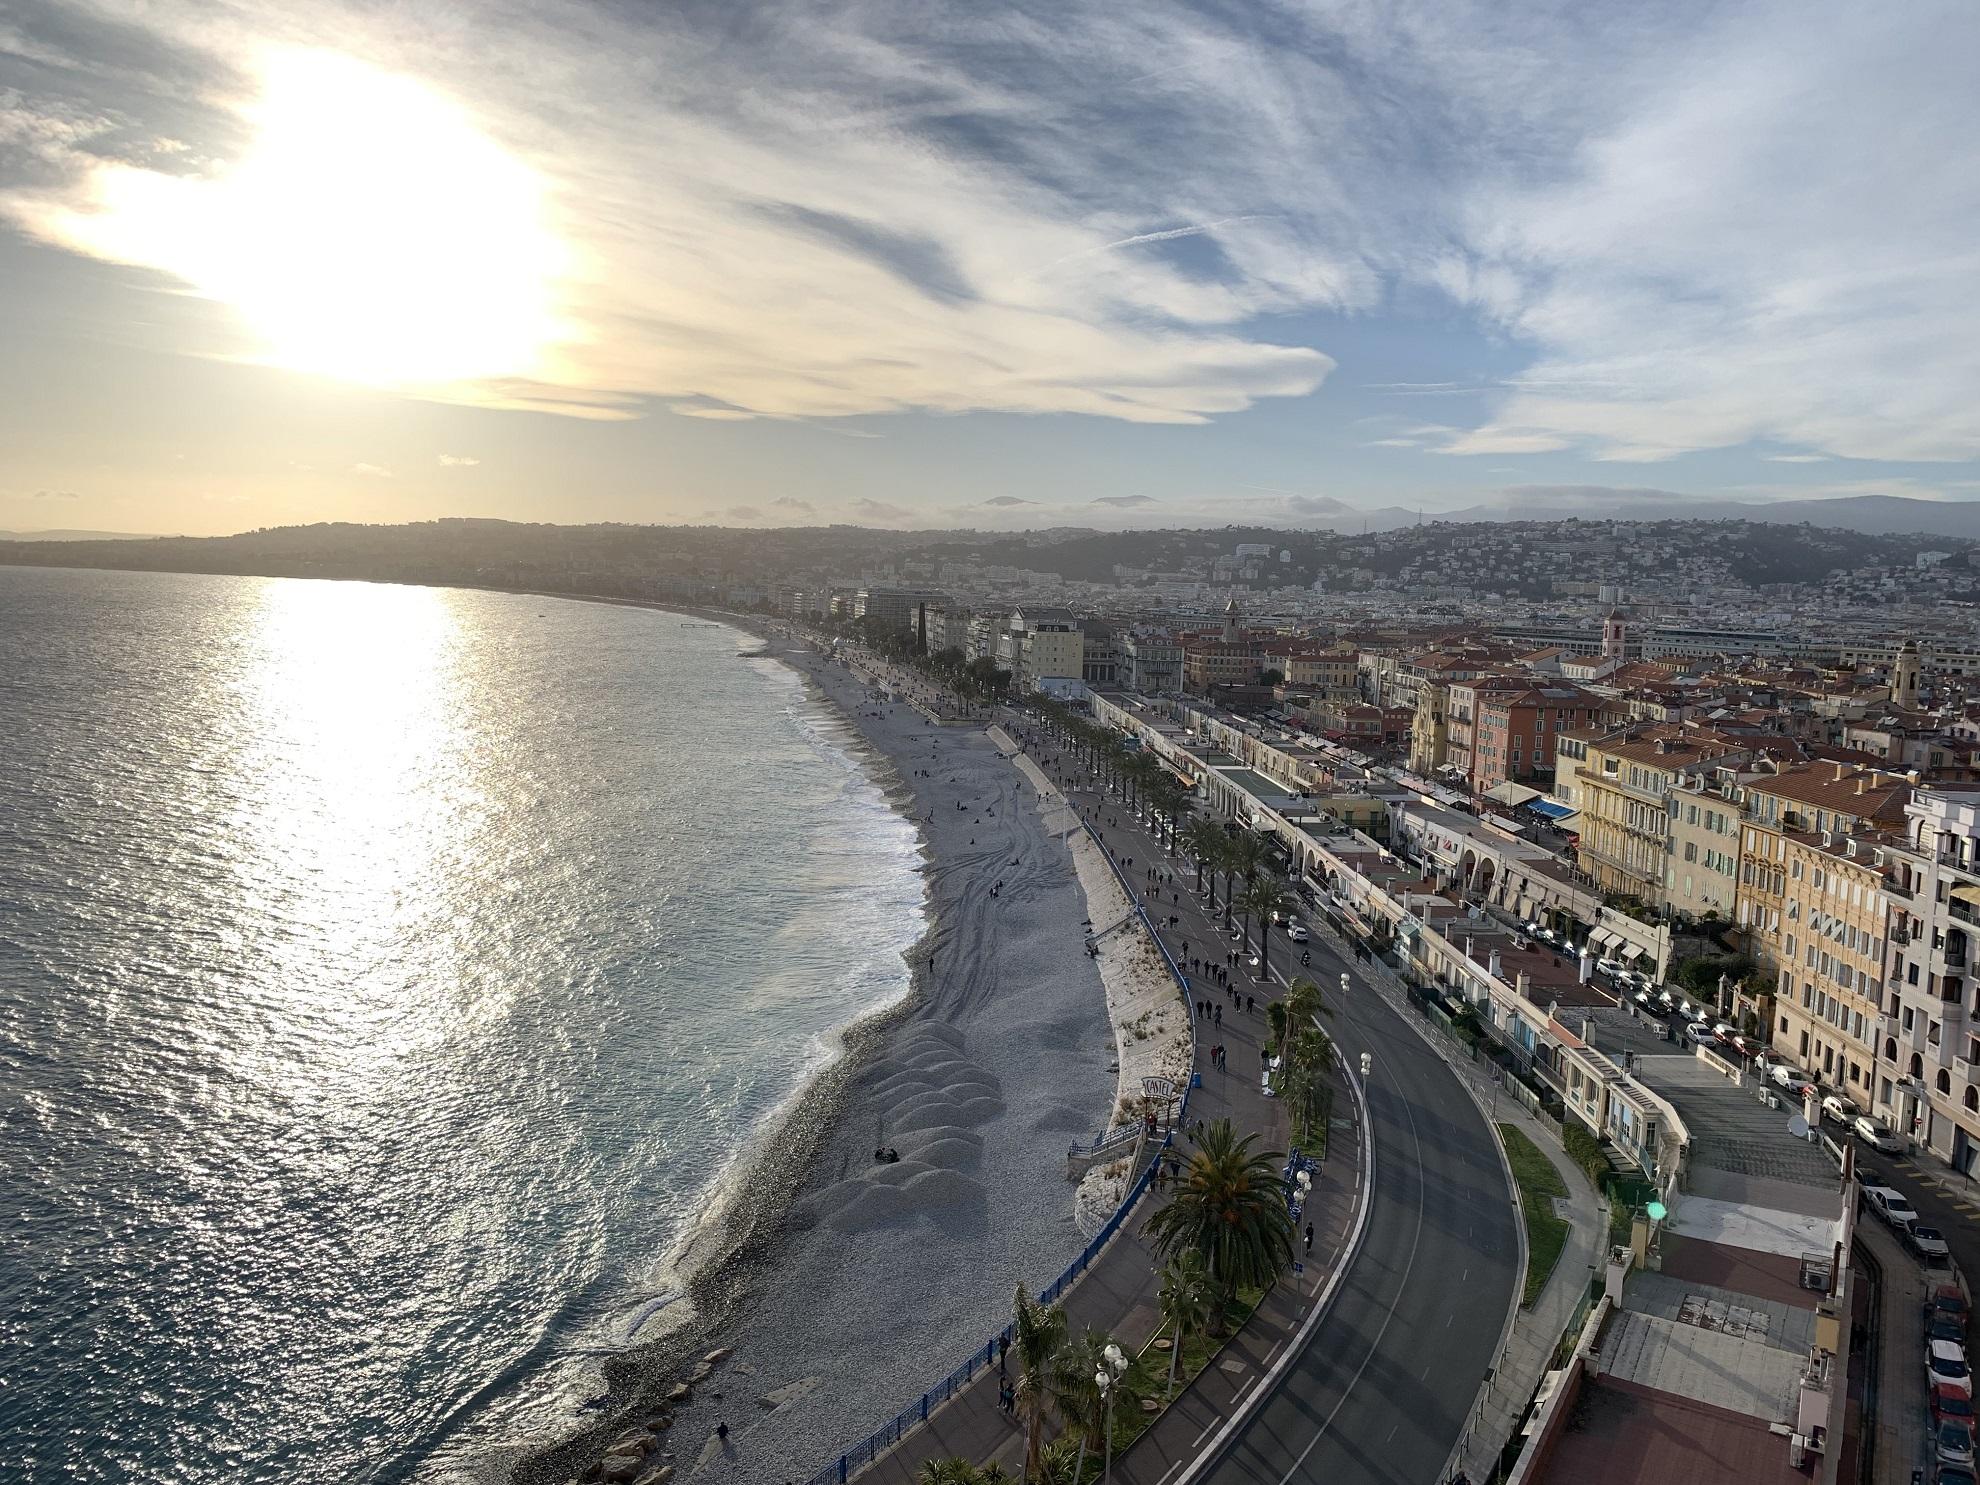 Tous les jours à Nice, le coup de canon demidi